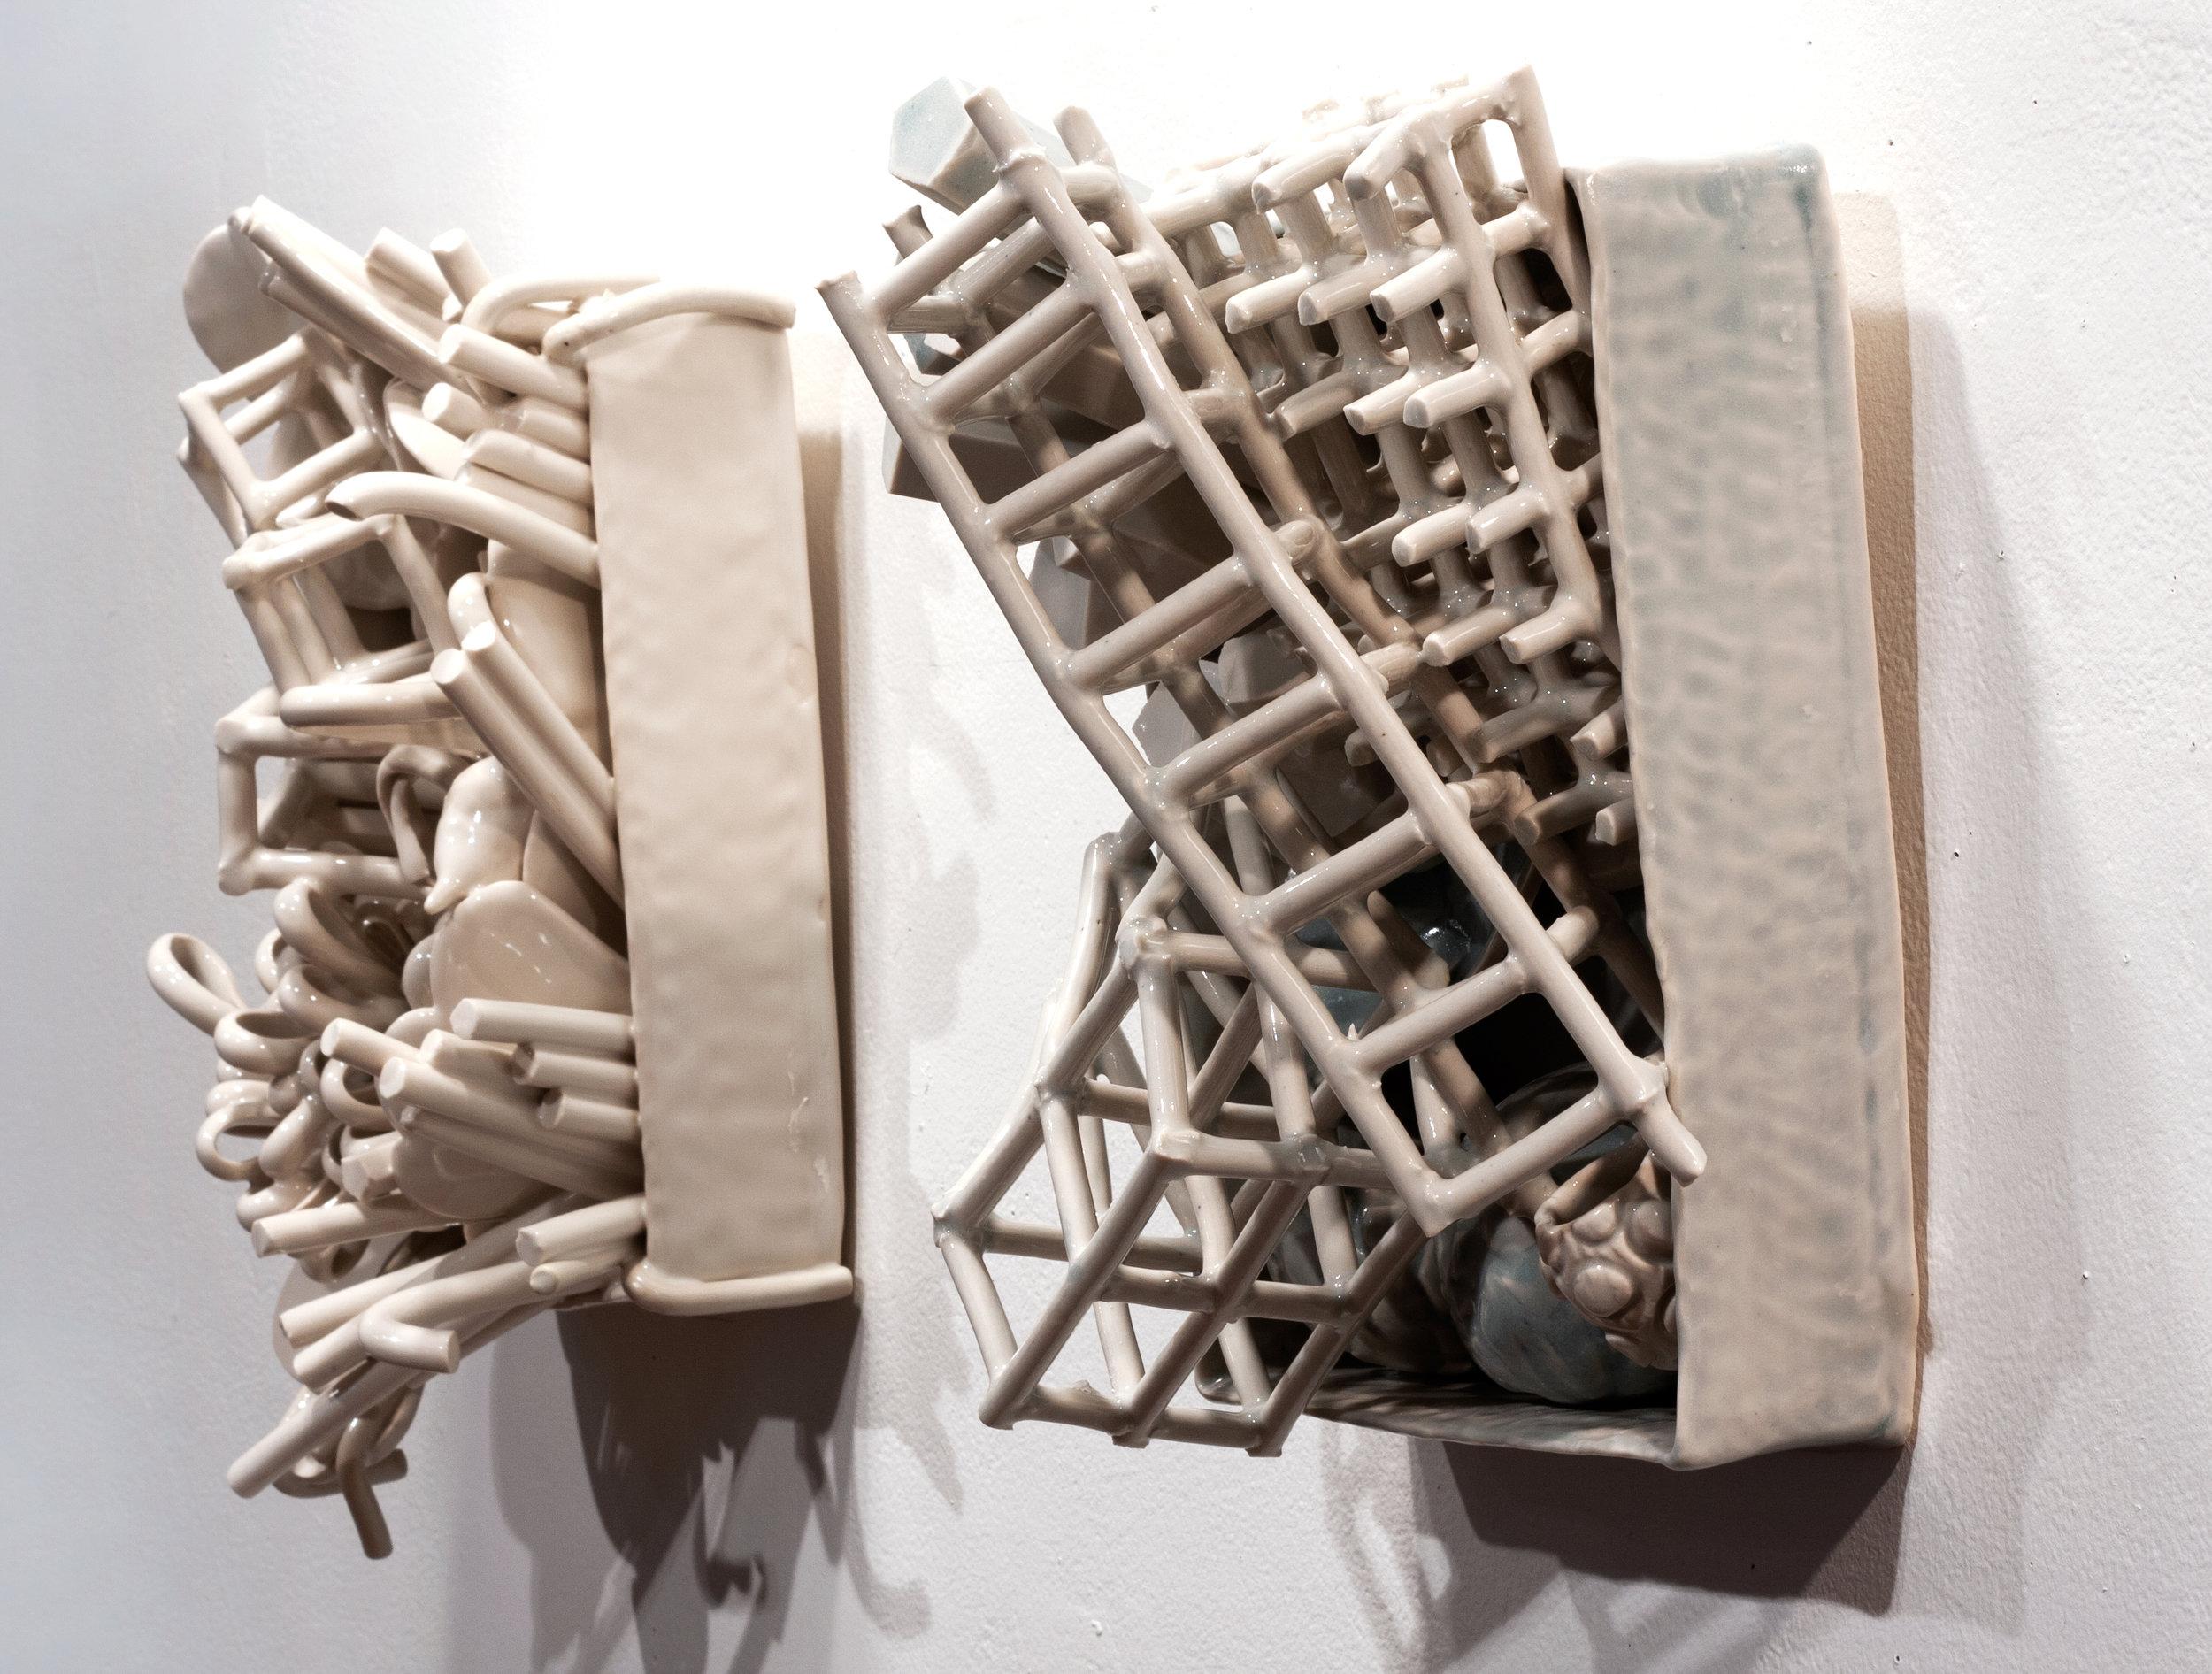 sculpture27.jpg